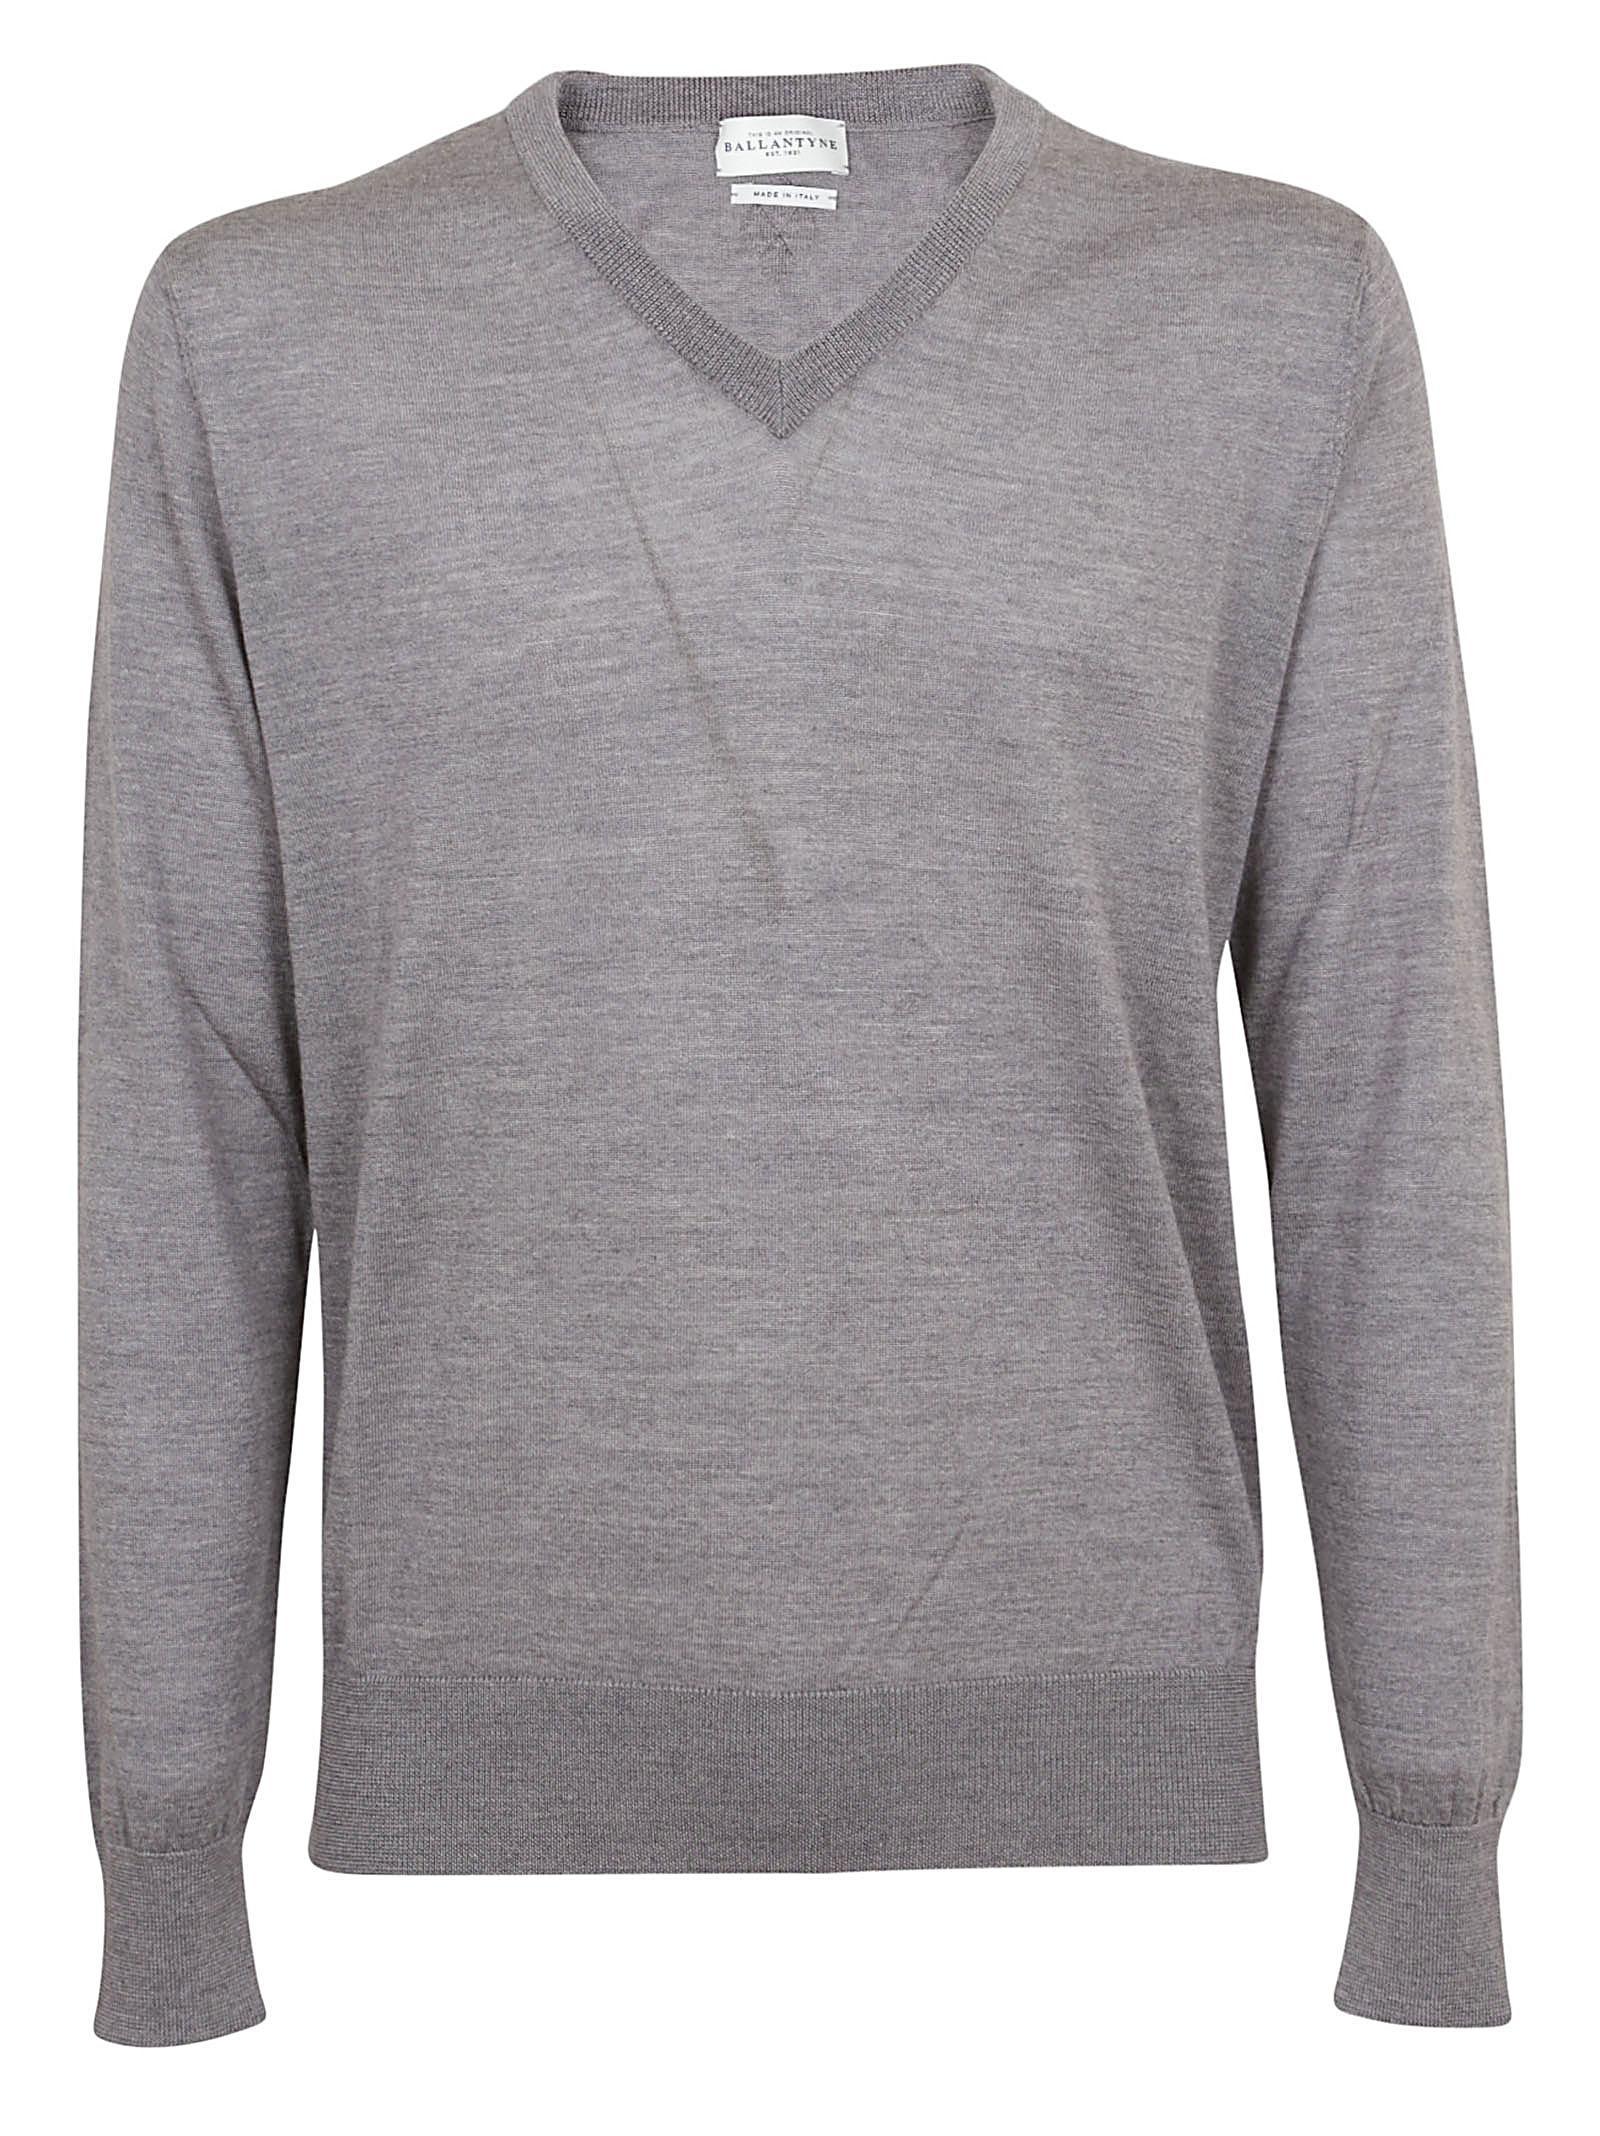 prezzo basso 70c88 3bf6c Men's Gray Maglia